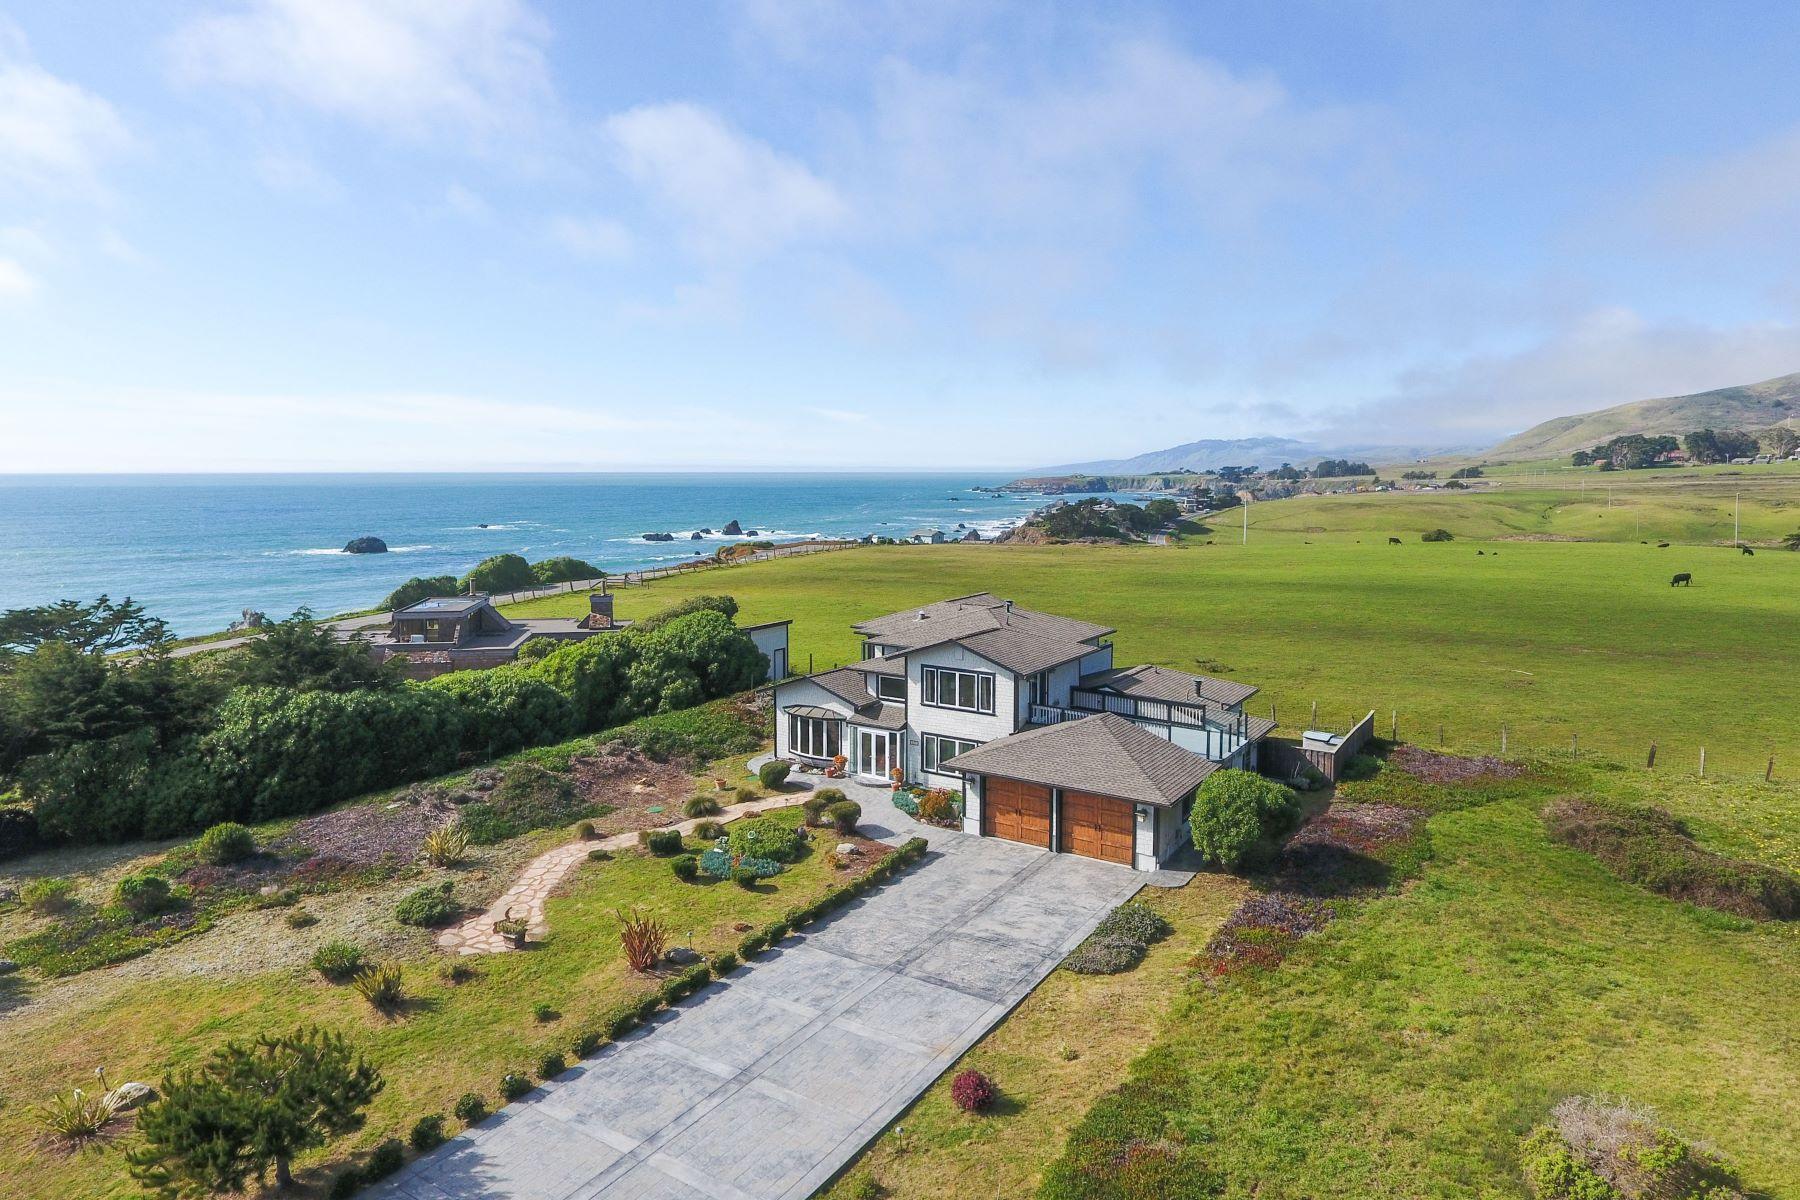 Einfamilienhaus für Verkauf beim Sonoma Coast Custom-Built Home with White Water Views 125 Calle Del Sol Bodega Bay, Kalifornien, 94923 Vereinigte Staaten